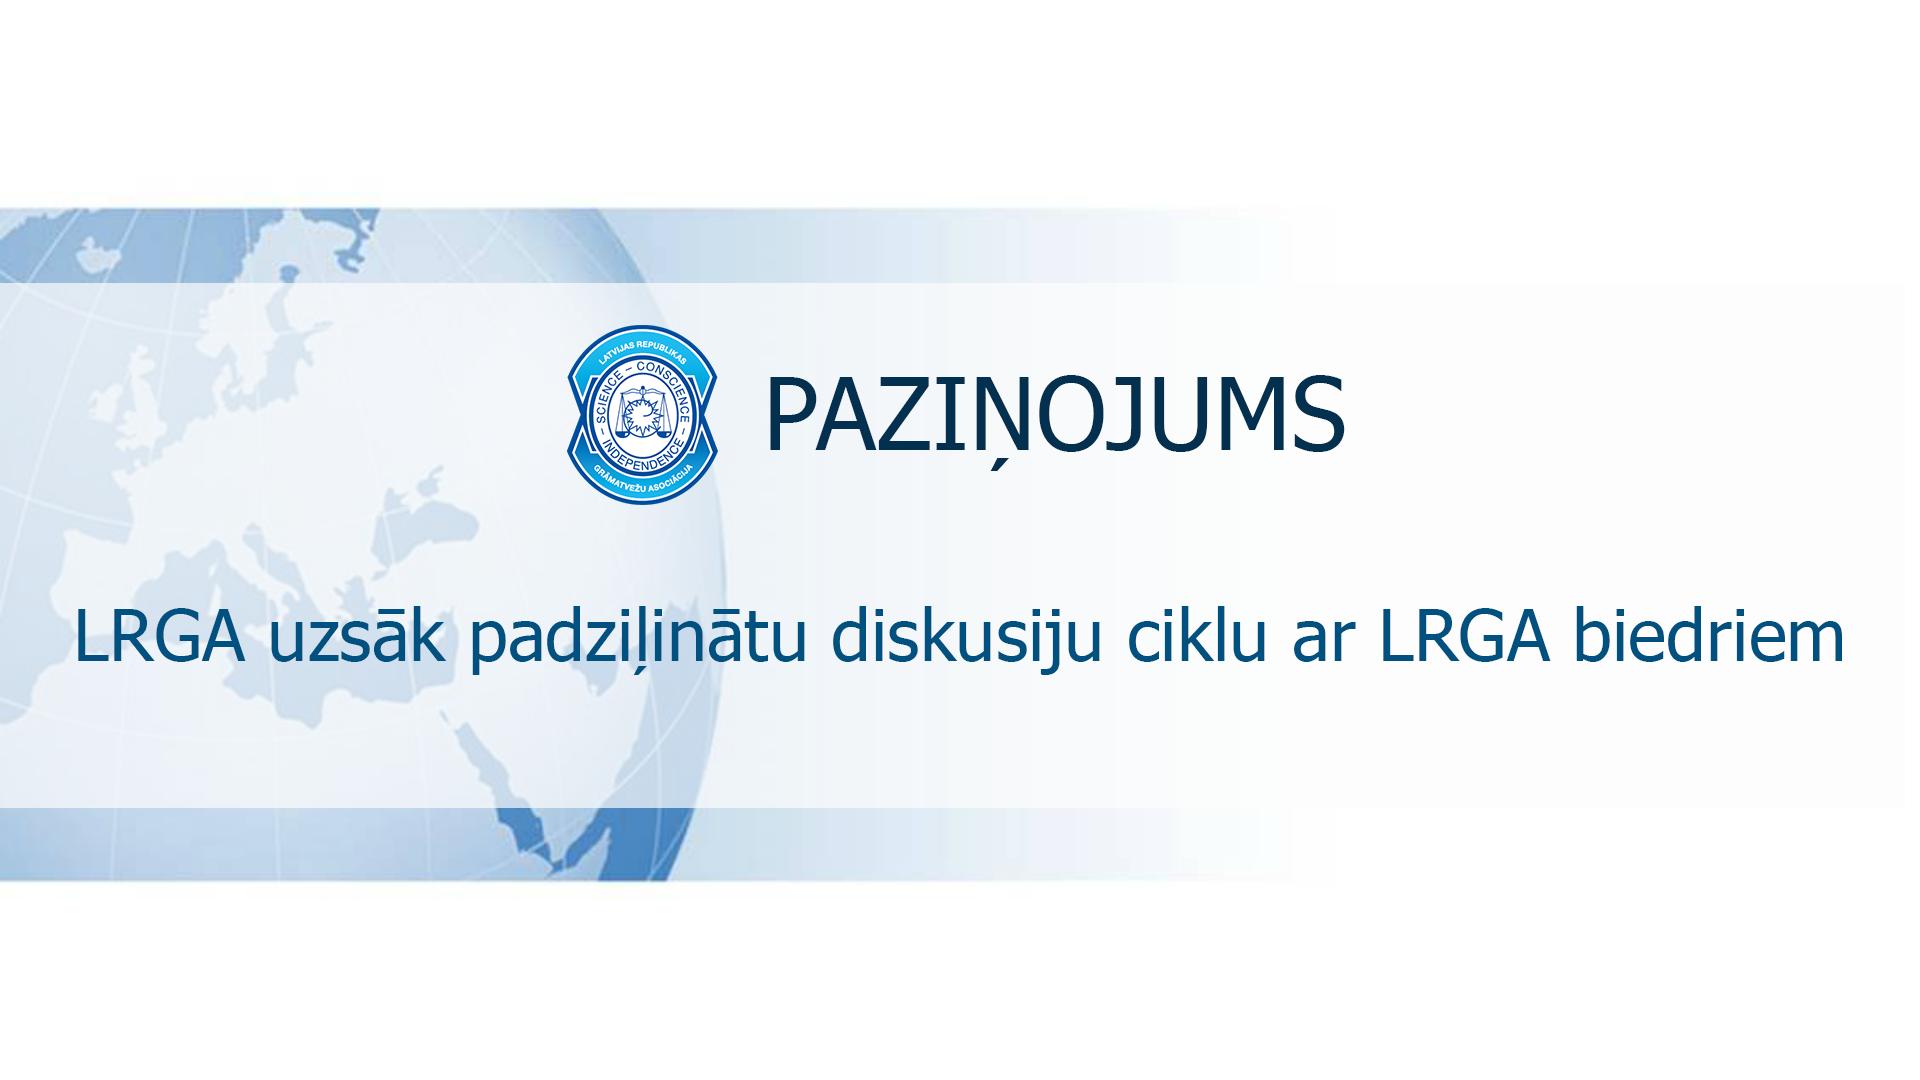 2021.02.11. LRGA_diskusijas_paziņojums